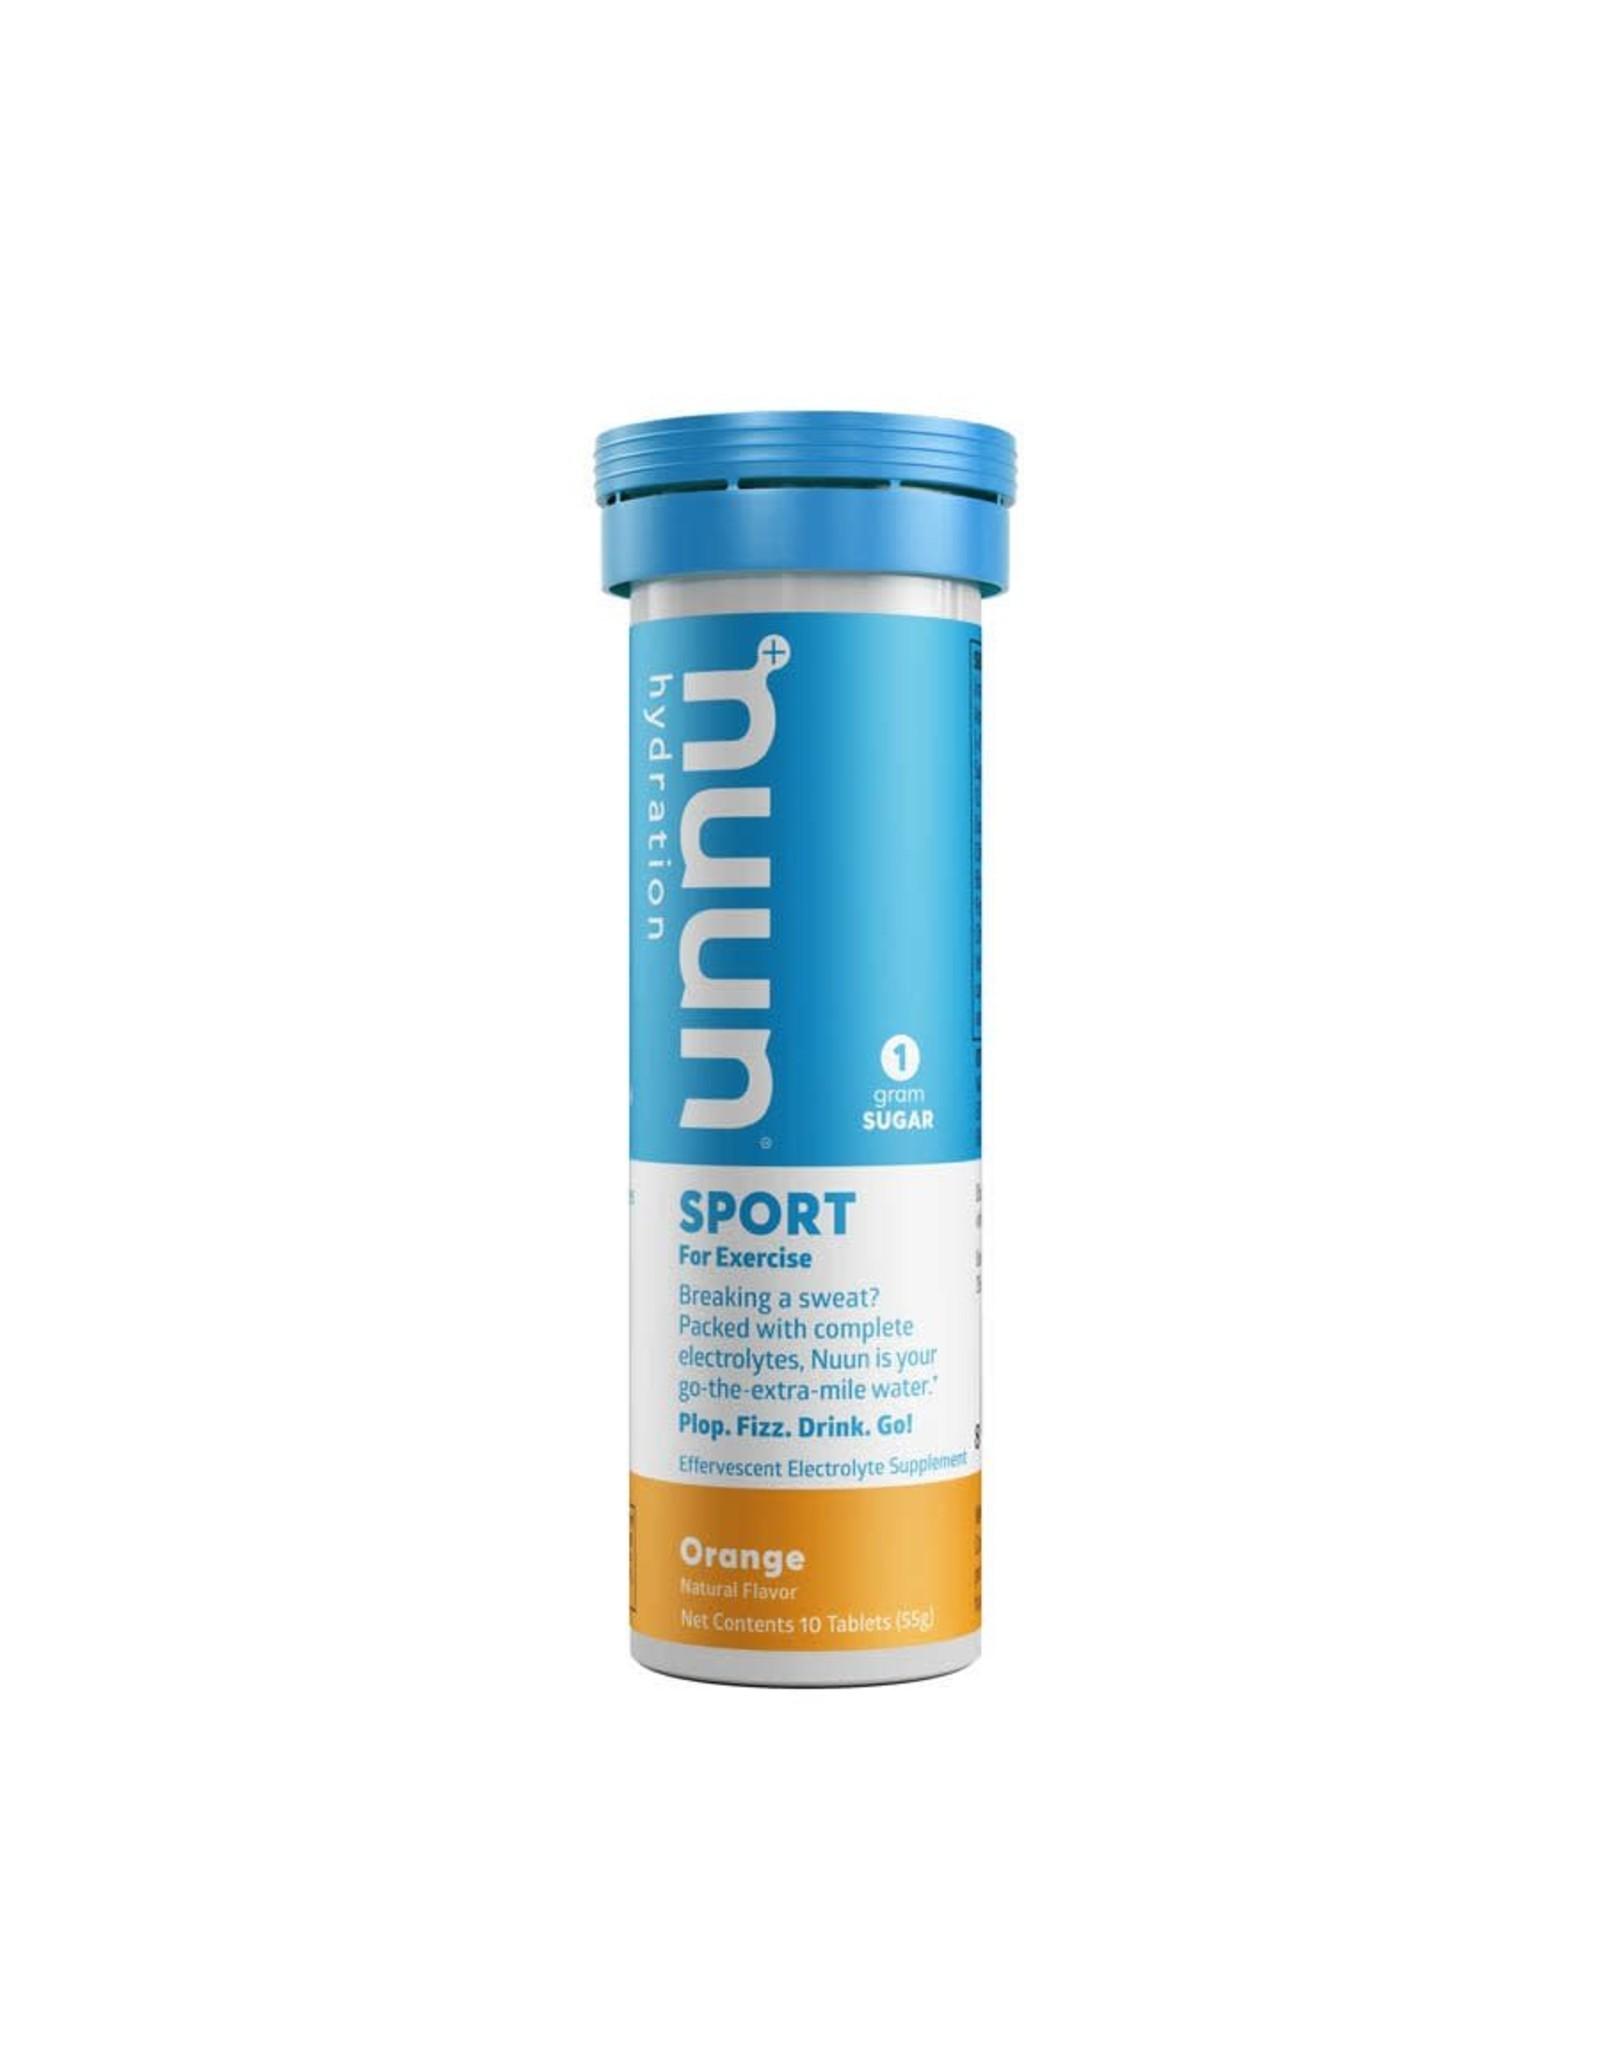 Nuun Tablets Nuun Sport (1 tube)